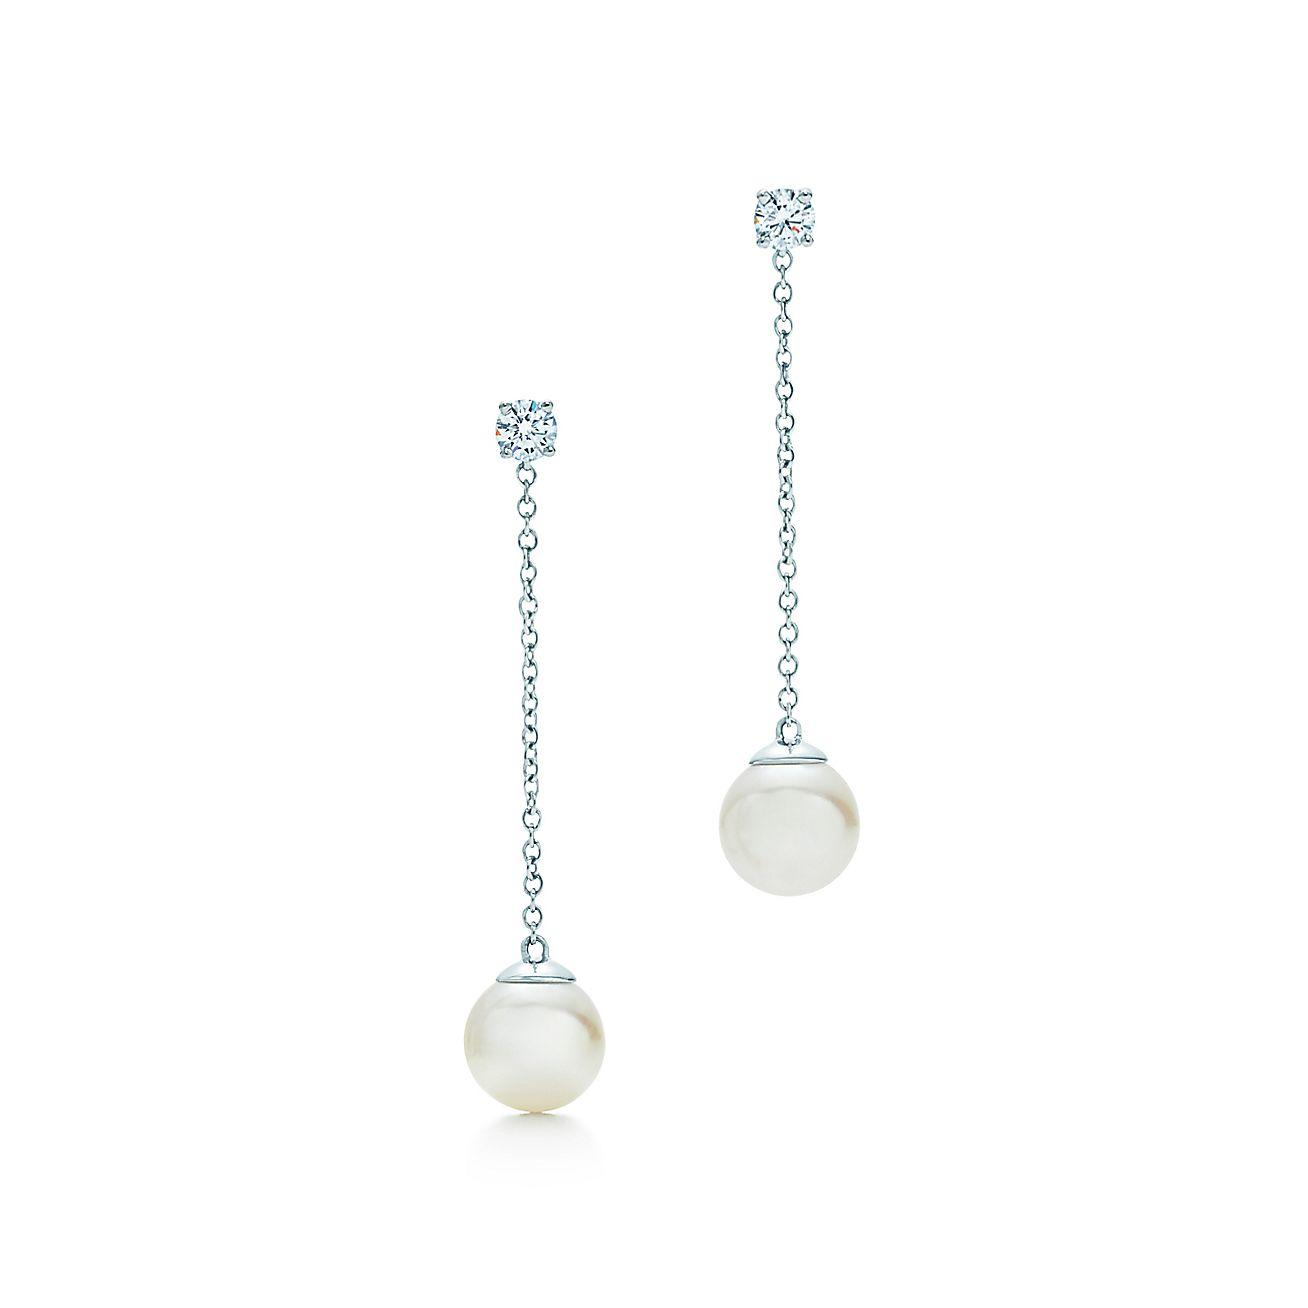 Tiffany Signature Pearls Drop Earrings